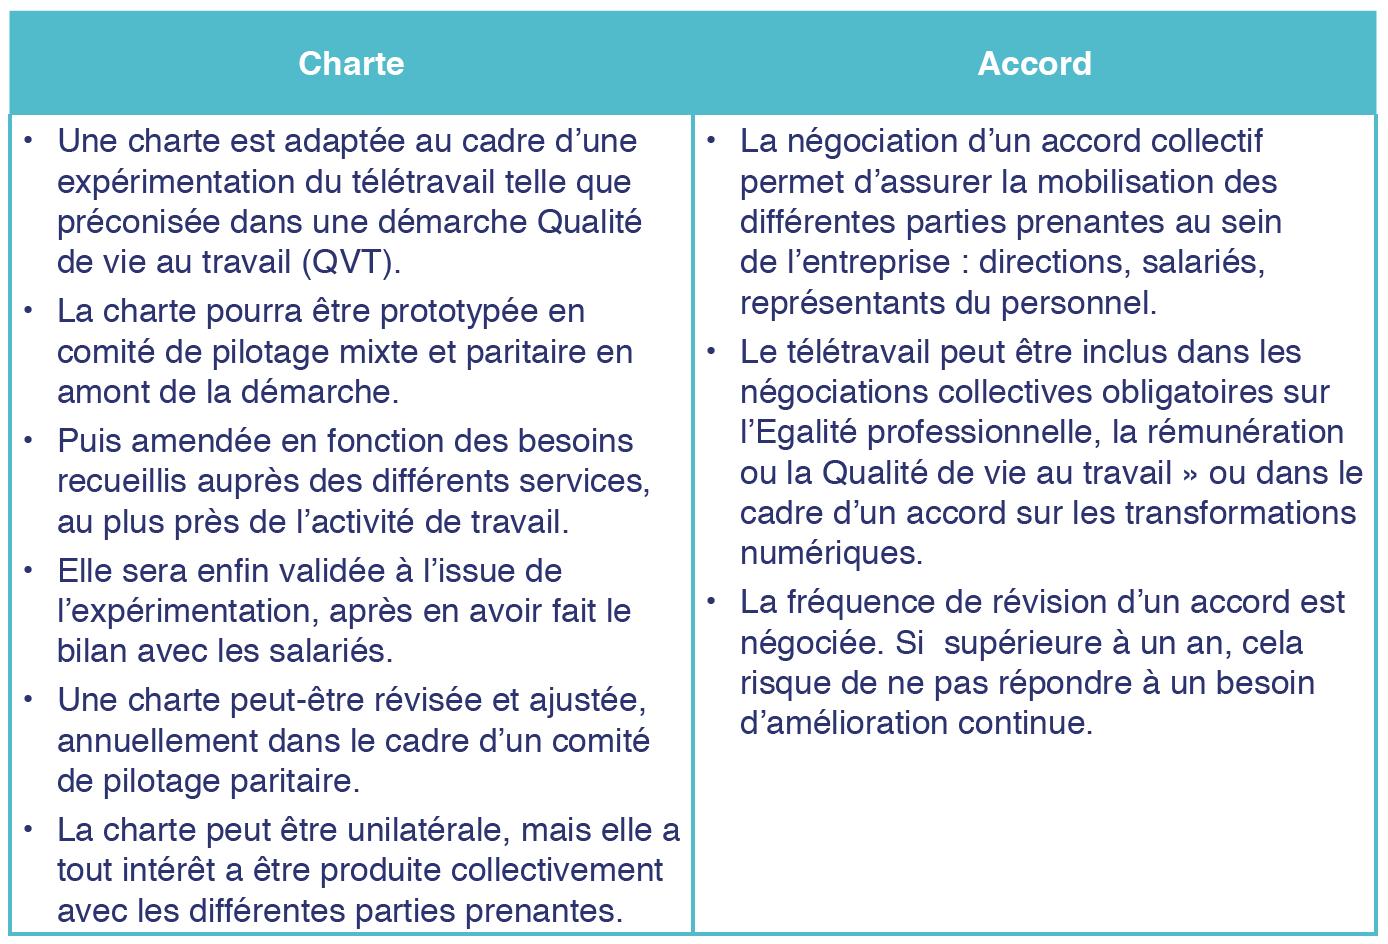 Les différences entre charte télétravail et accord télétravail